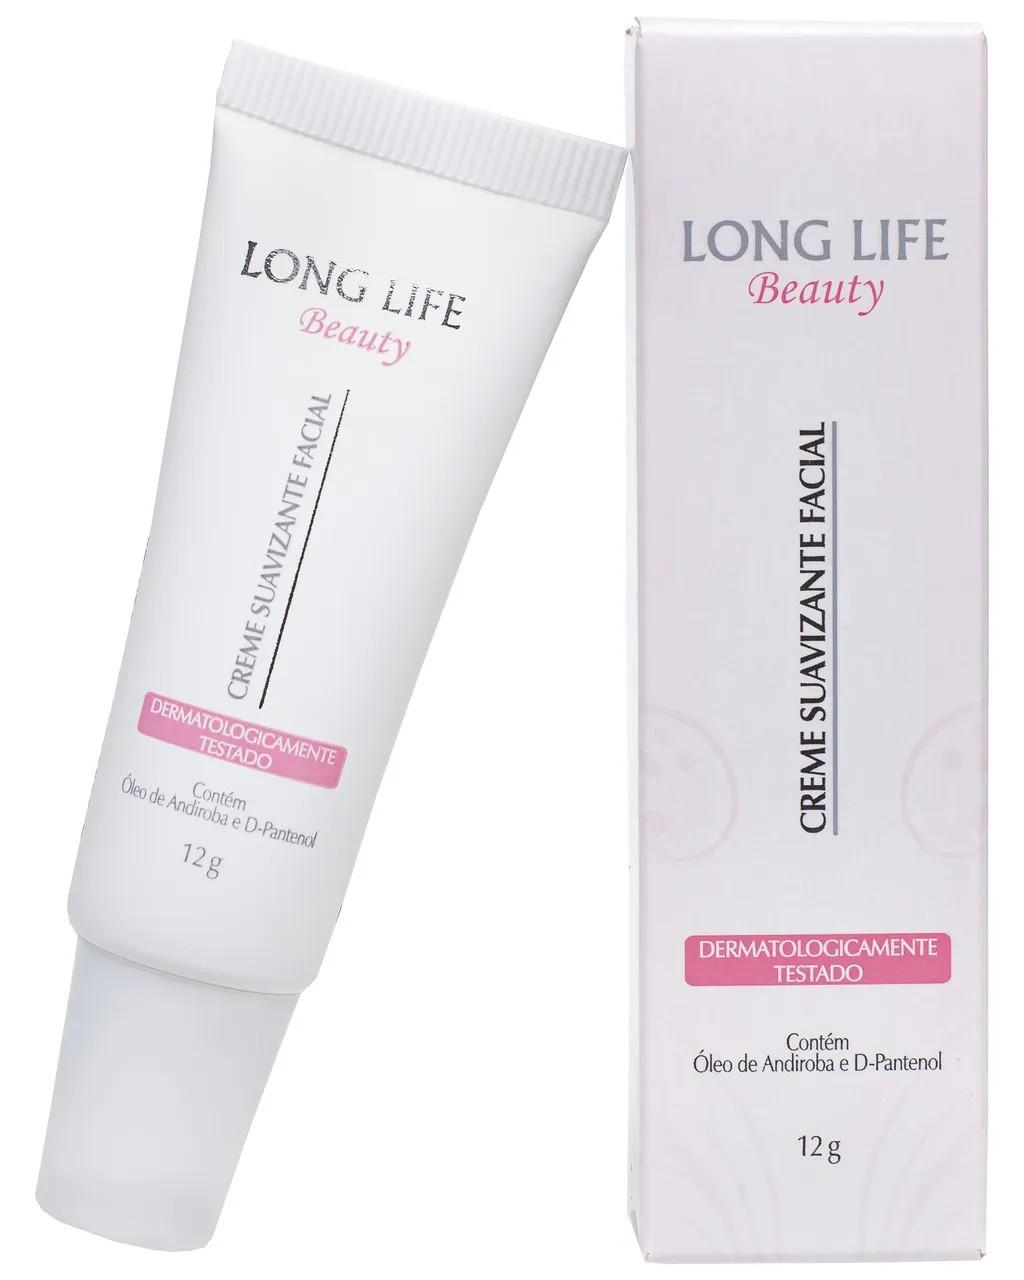 Creme Pós Micropigmentação - Long Life Beauty 12g - ( 2 caixas )